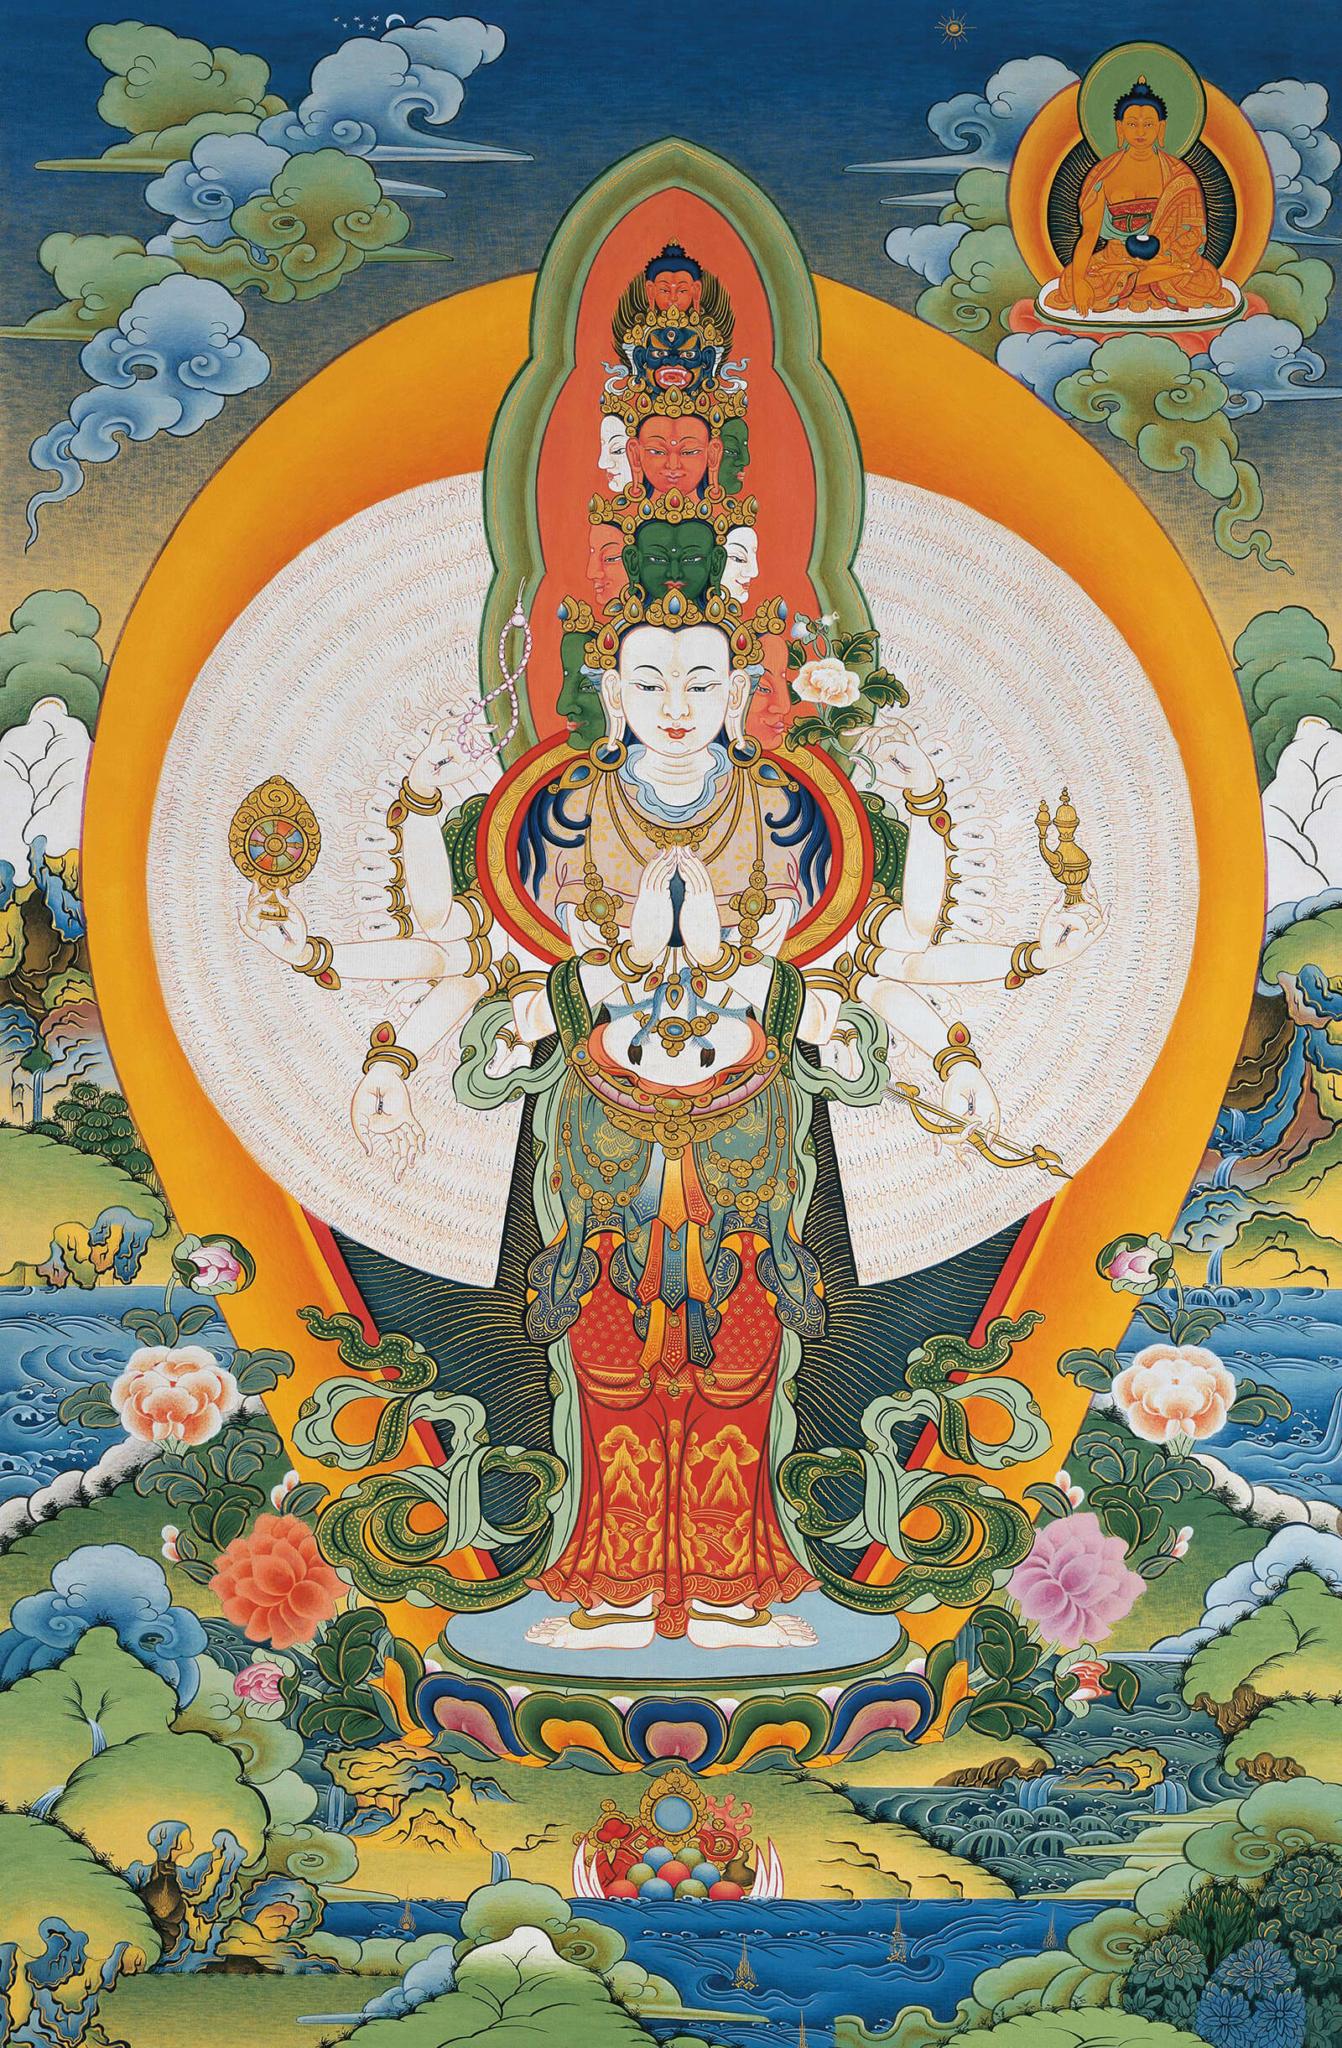 Thousand-armed Avalokiteshvara